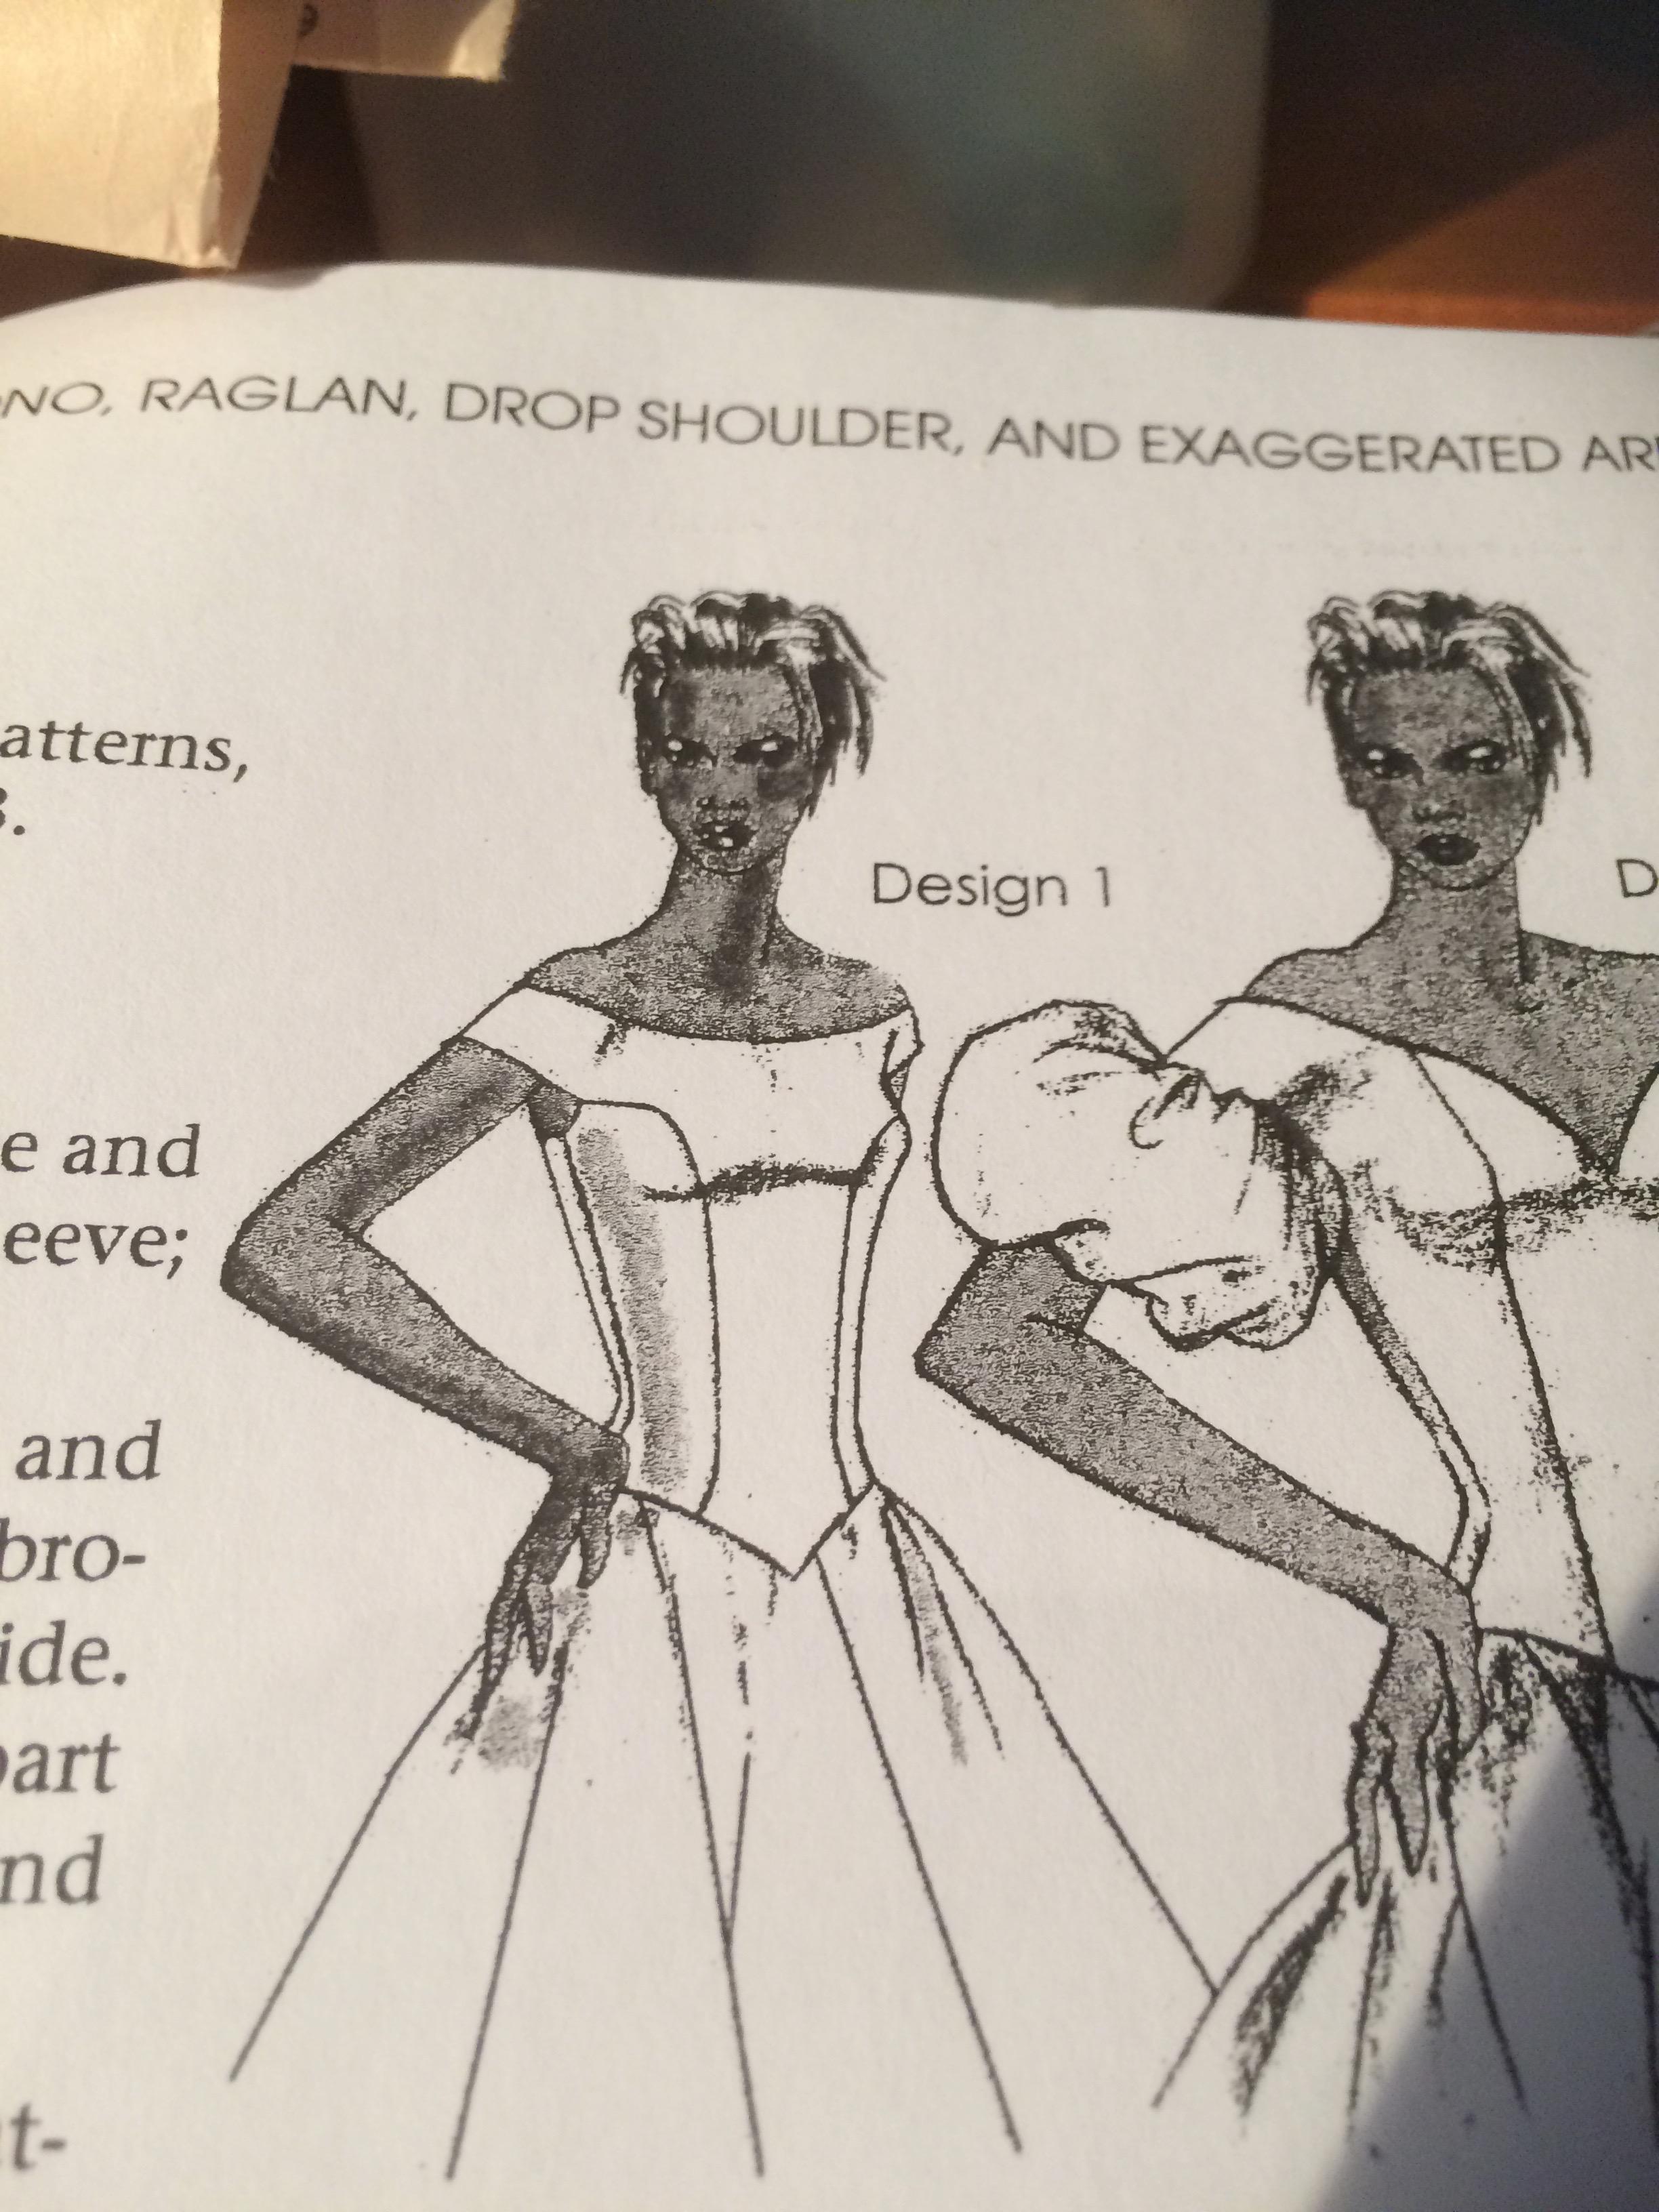 Dropped shoulder designs